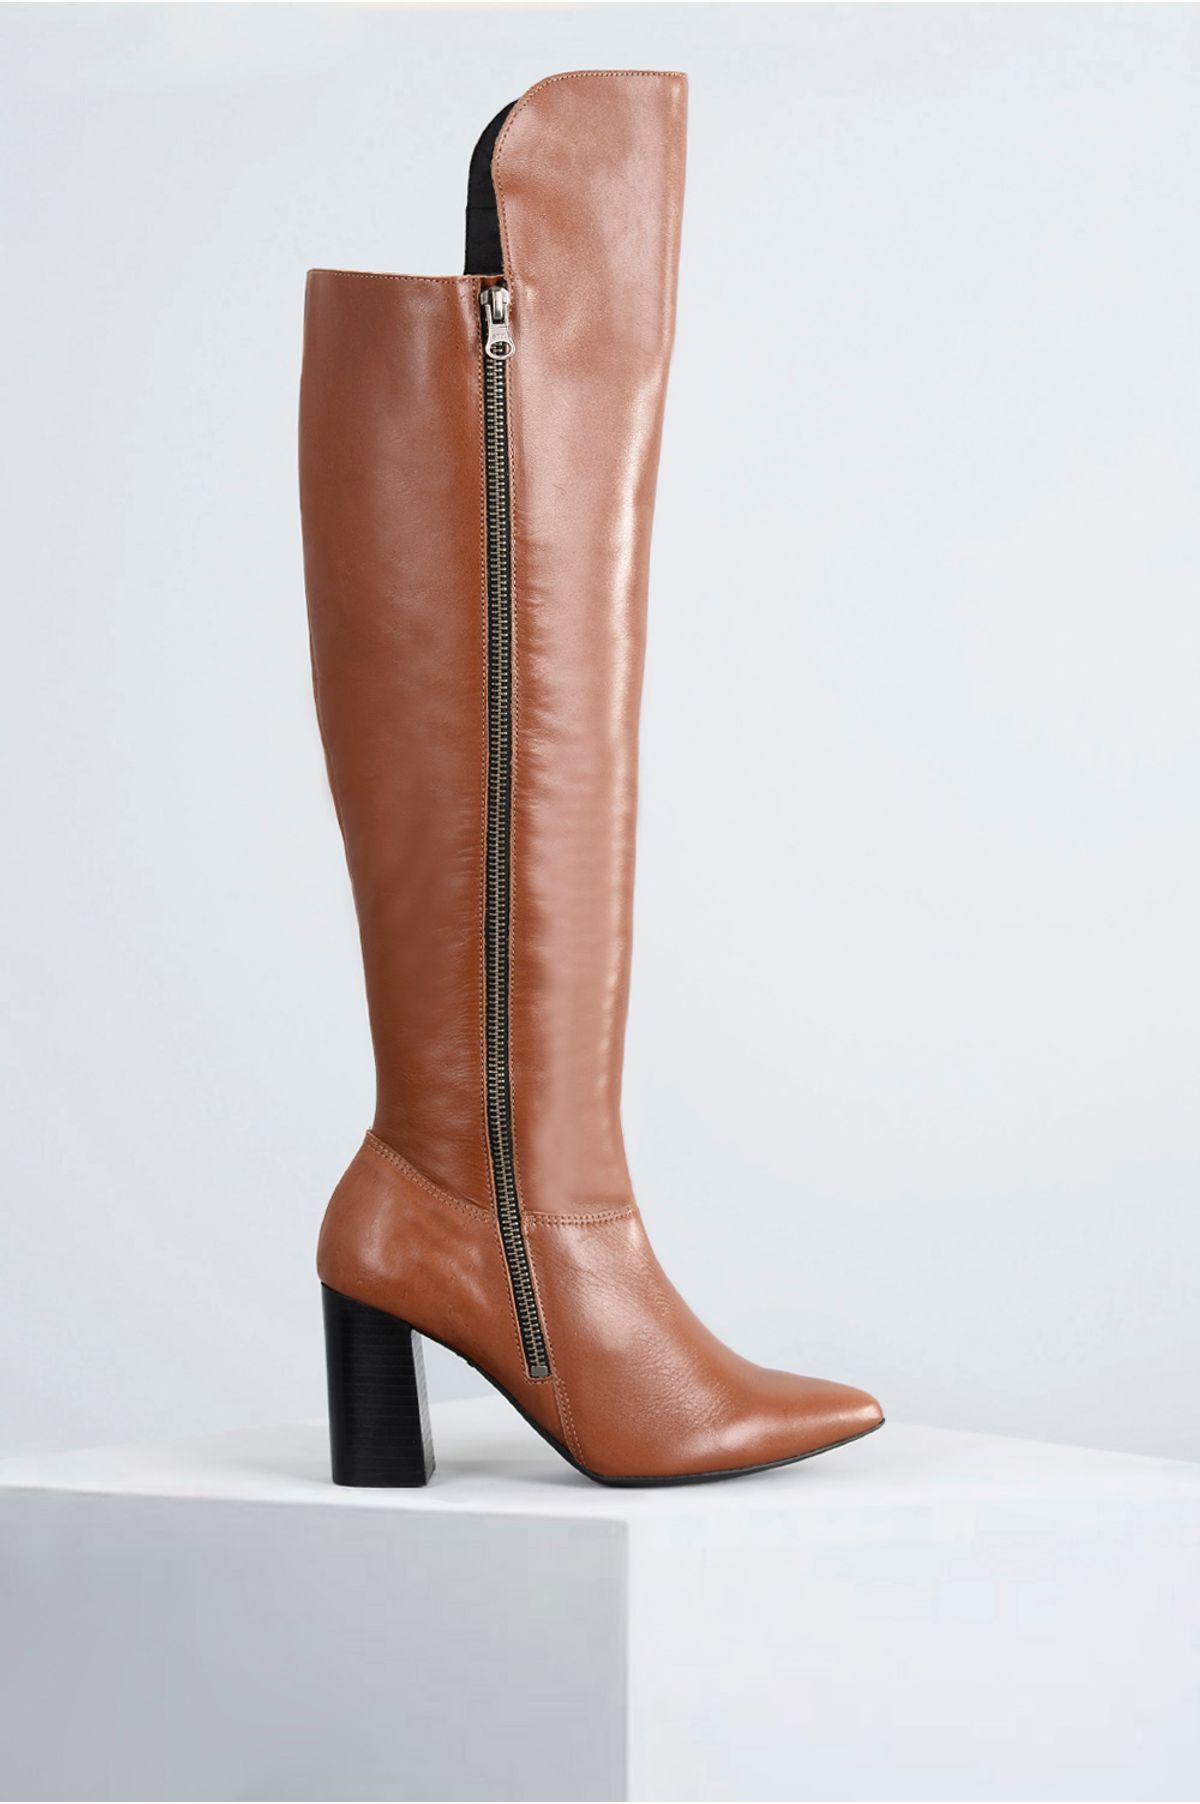 e18d2d3b7 Bota Feminina Cano Longo Shazy Mundial CR-CARAMELO - Mundial Calçados